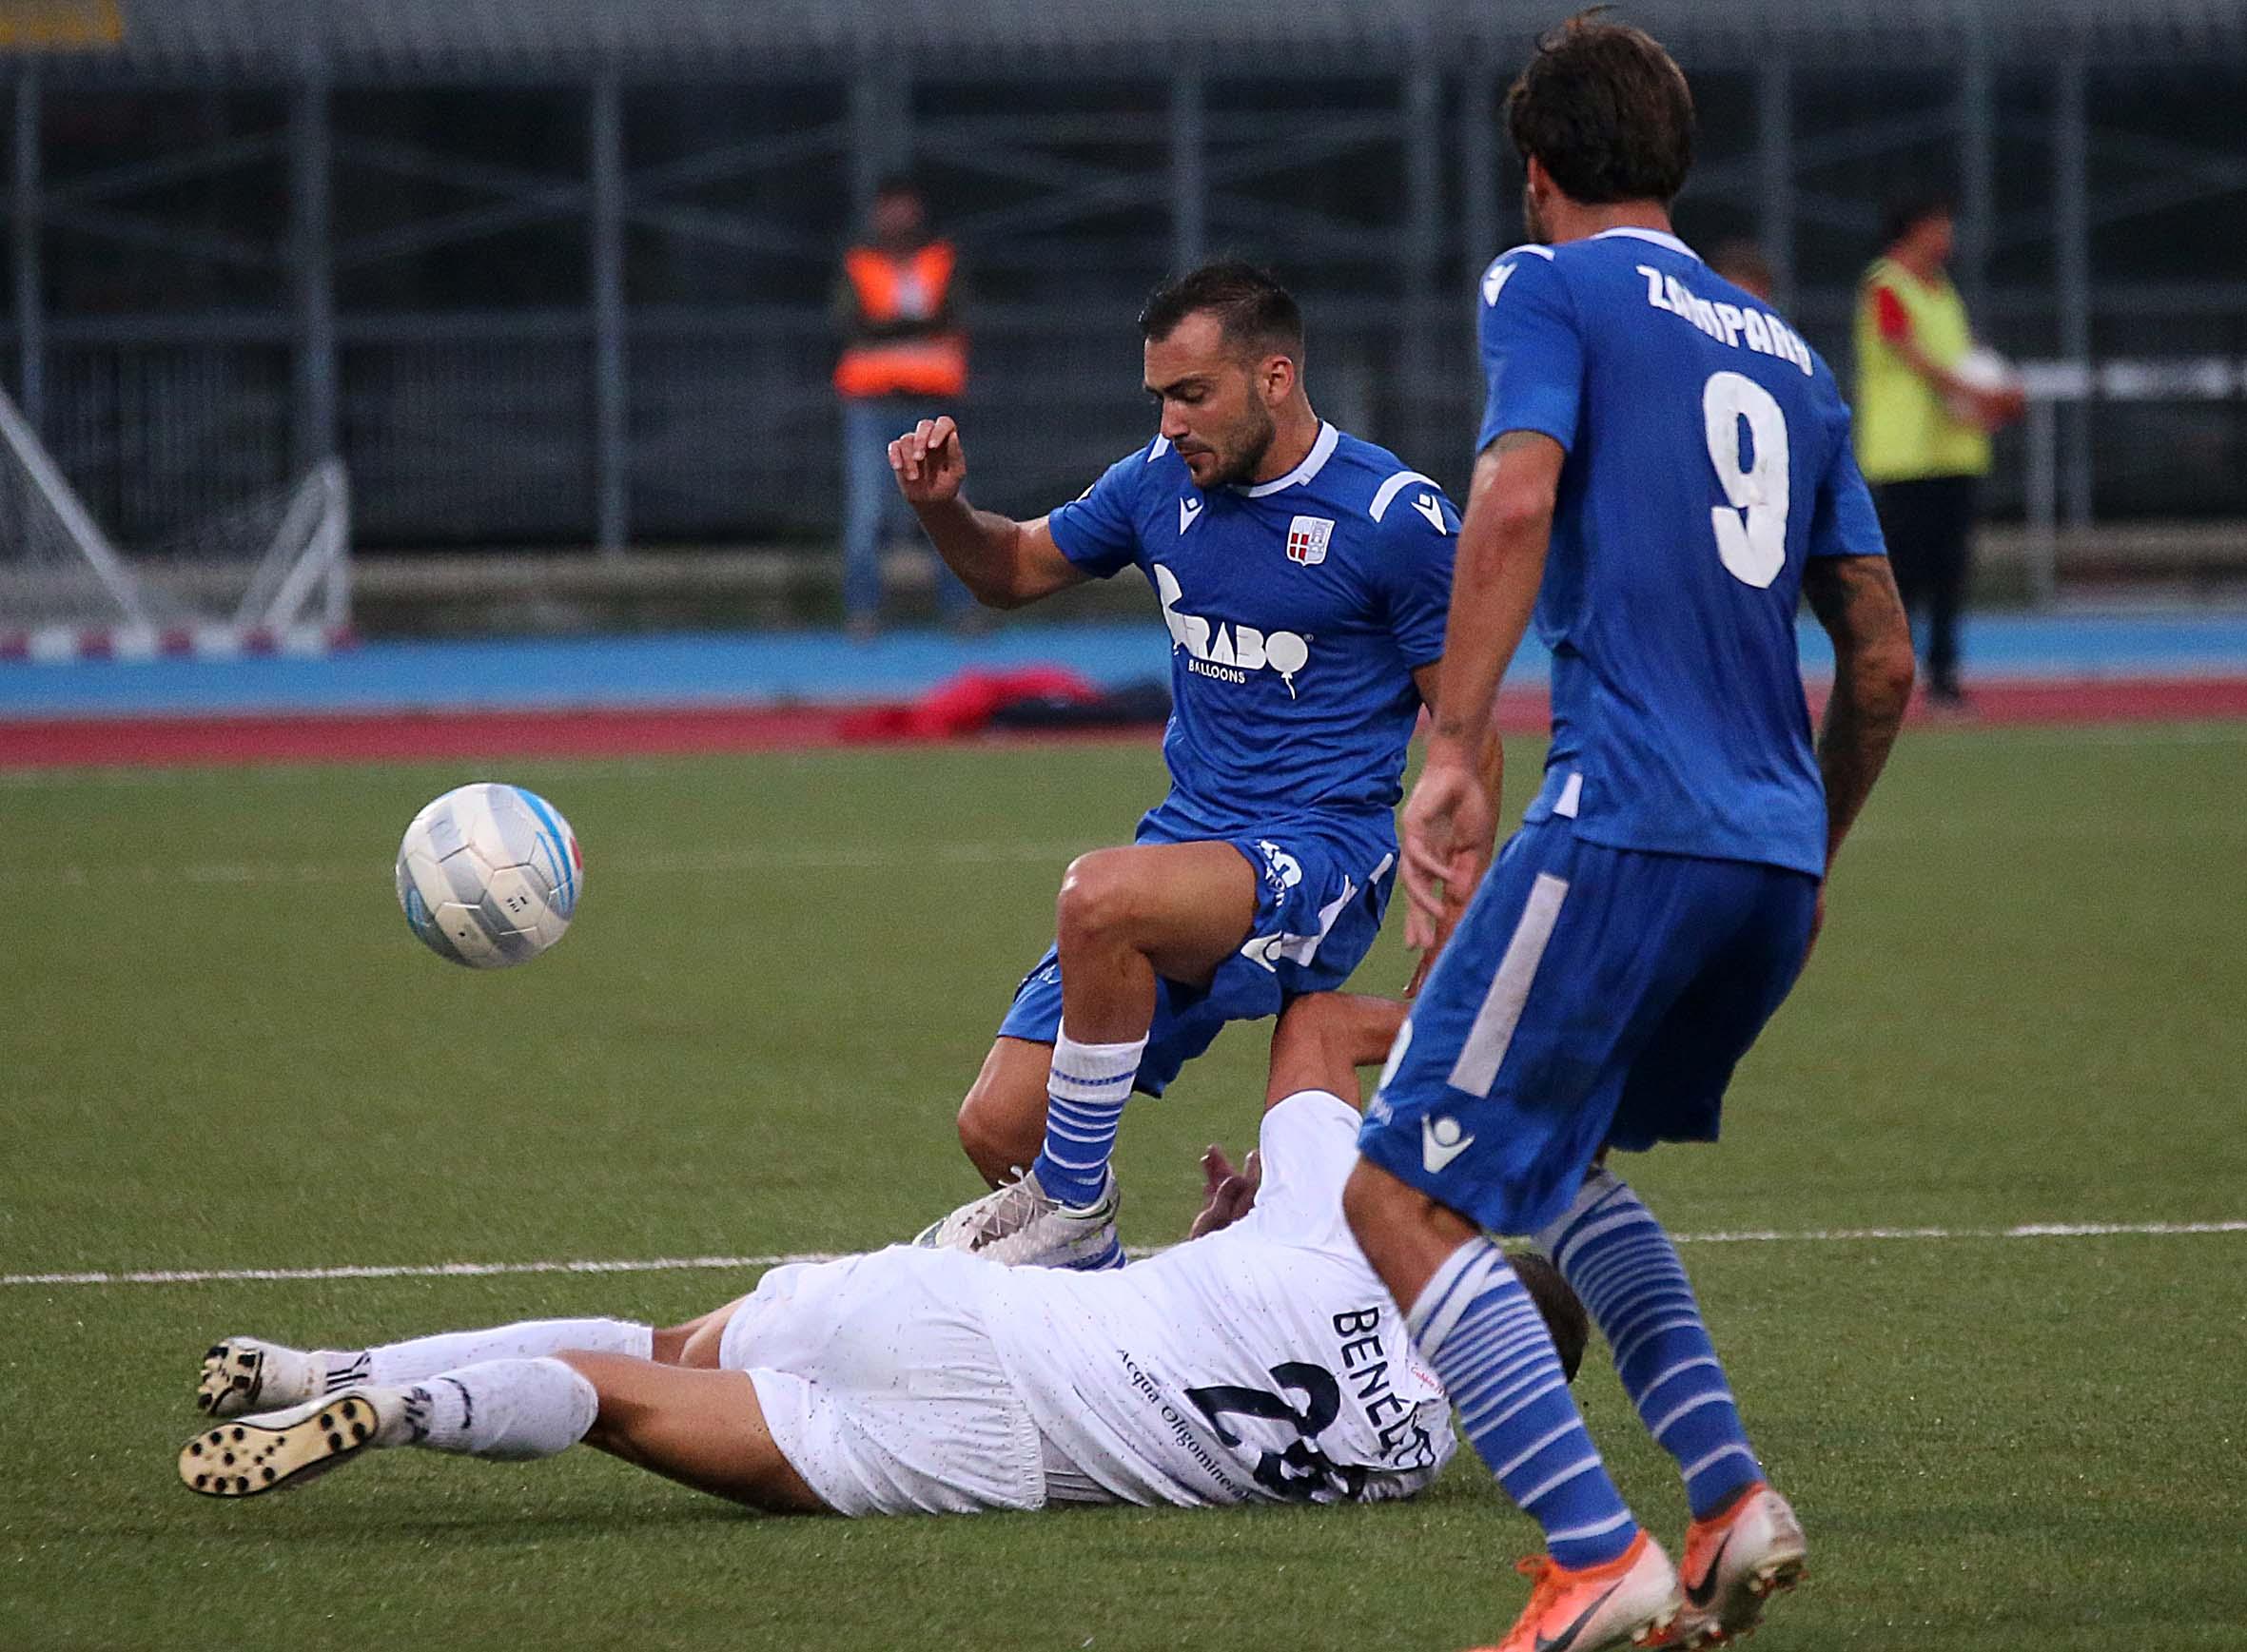 Calcio C, il Rimini ritrova Candido e Oliana